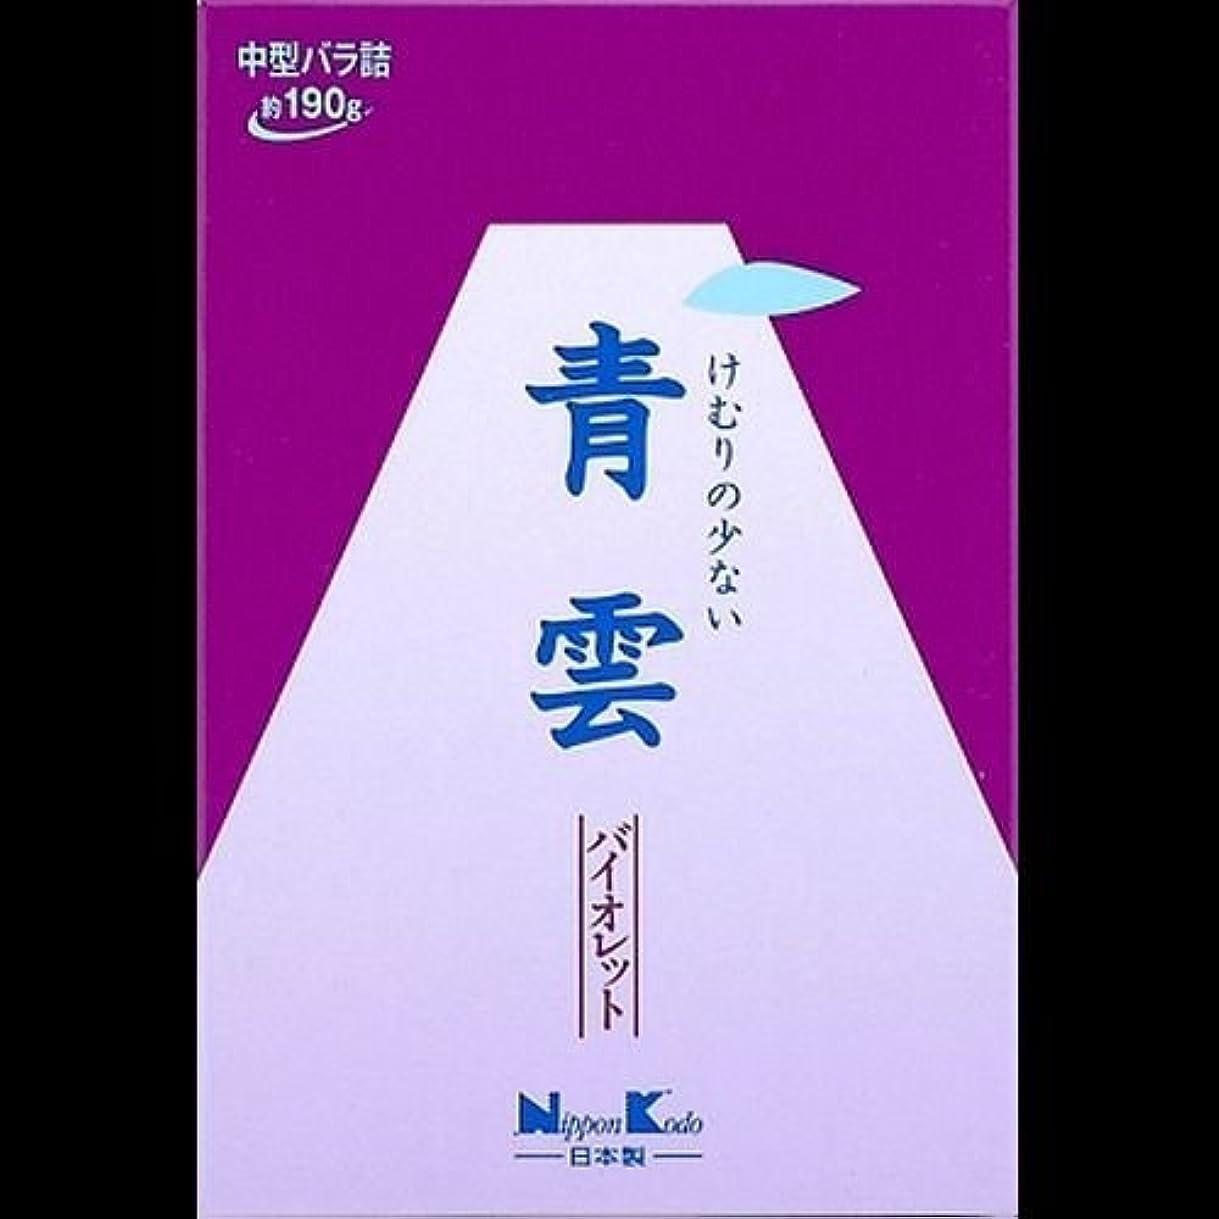 わかりやすいライド間違いなく【まとめ買い】青雲 バイオレット中型バラ詰 ×2セット